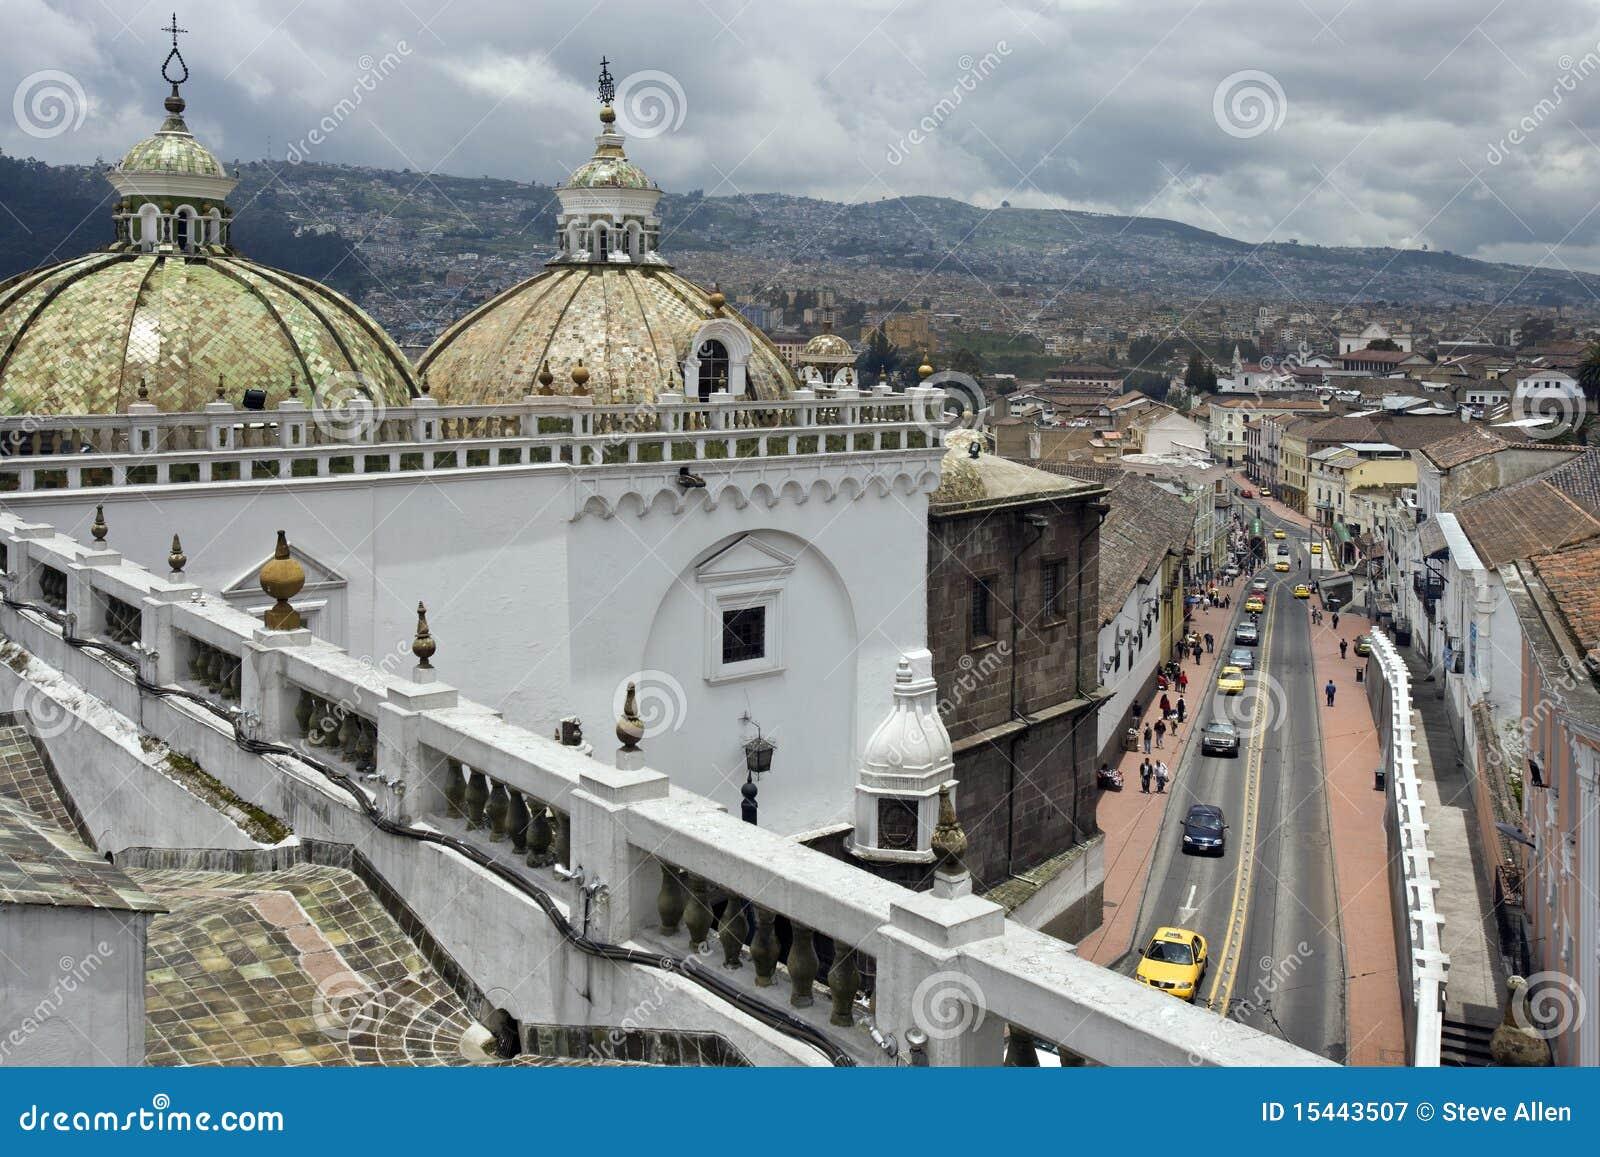 Ecuador - Quito - Santo Domingo Church